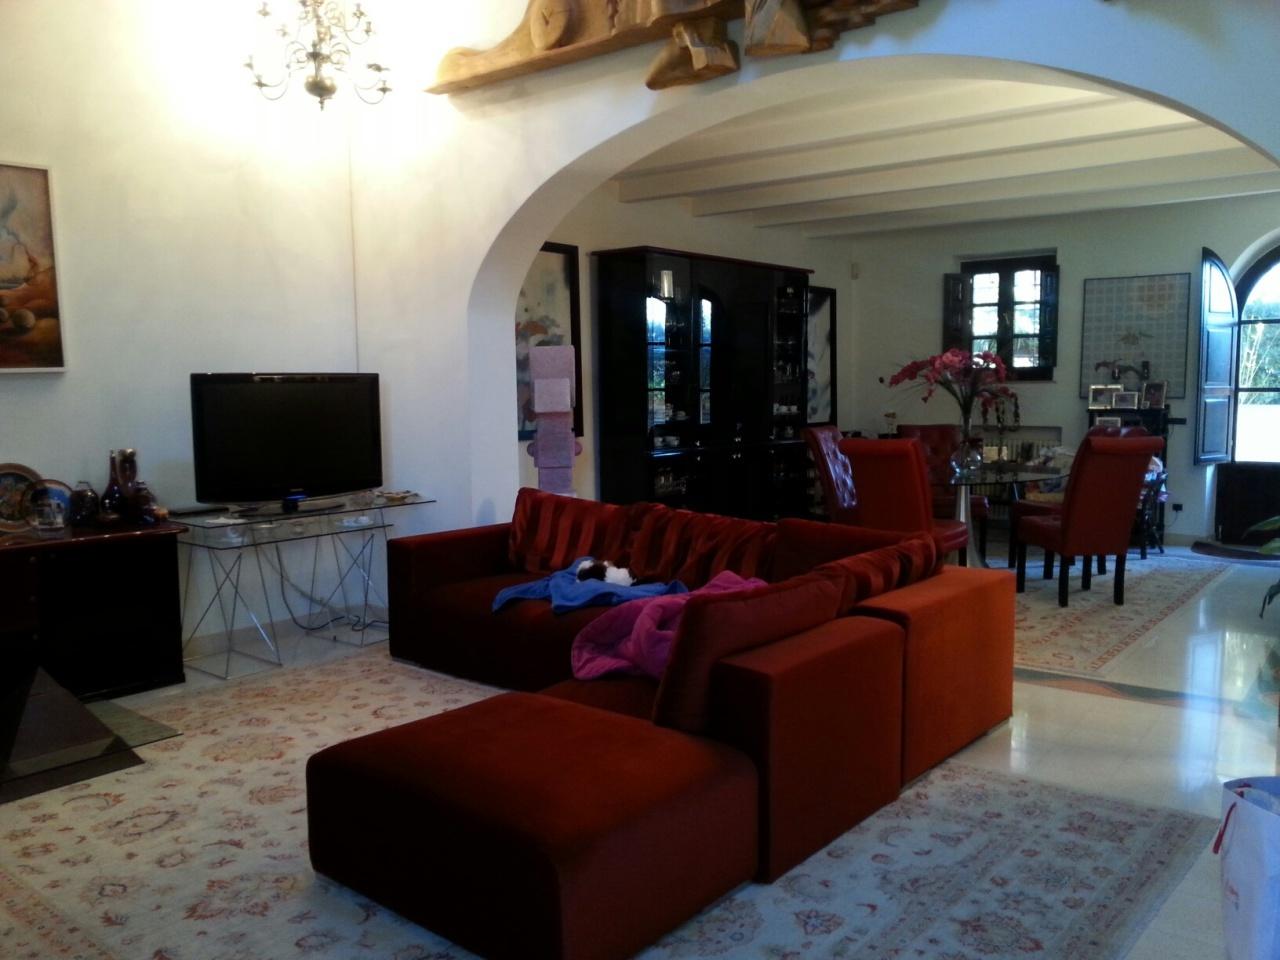 Rustico / Casale in vendita a Pisa, 10 locali, prezzo € 590.000 | Cambio Casa.it